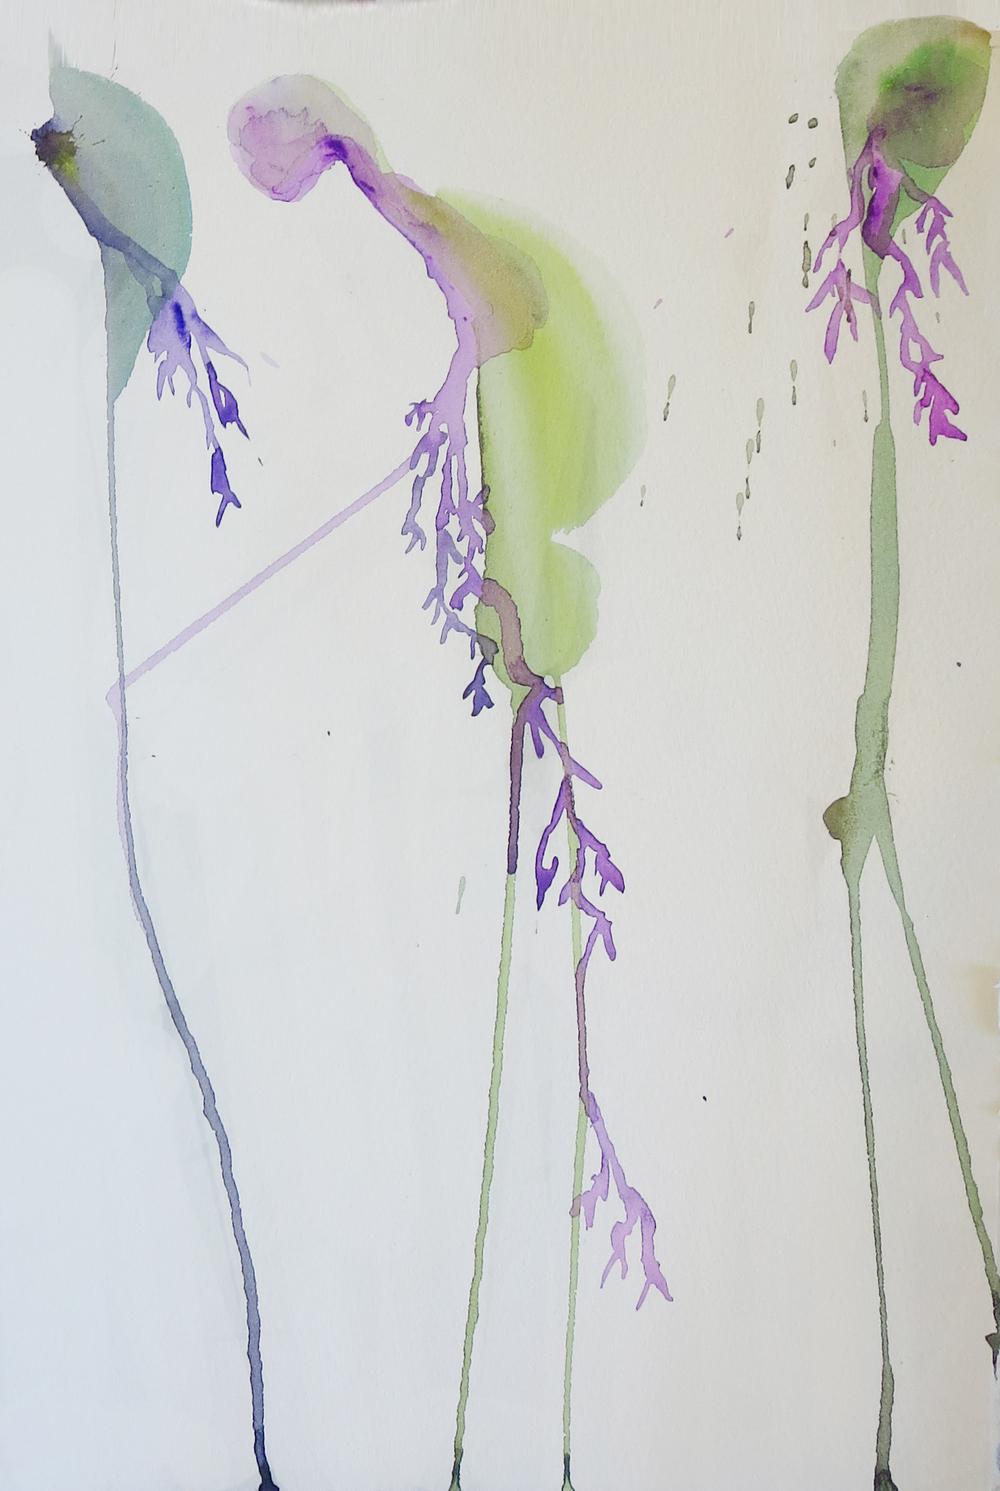 eros painting peinture_38.jpg